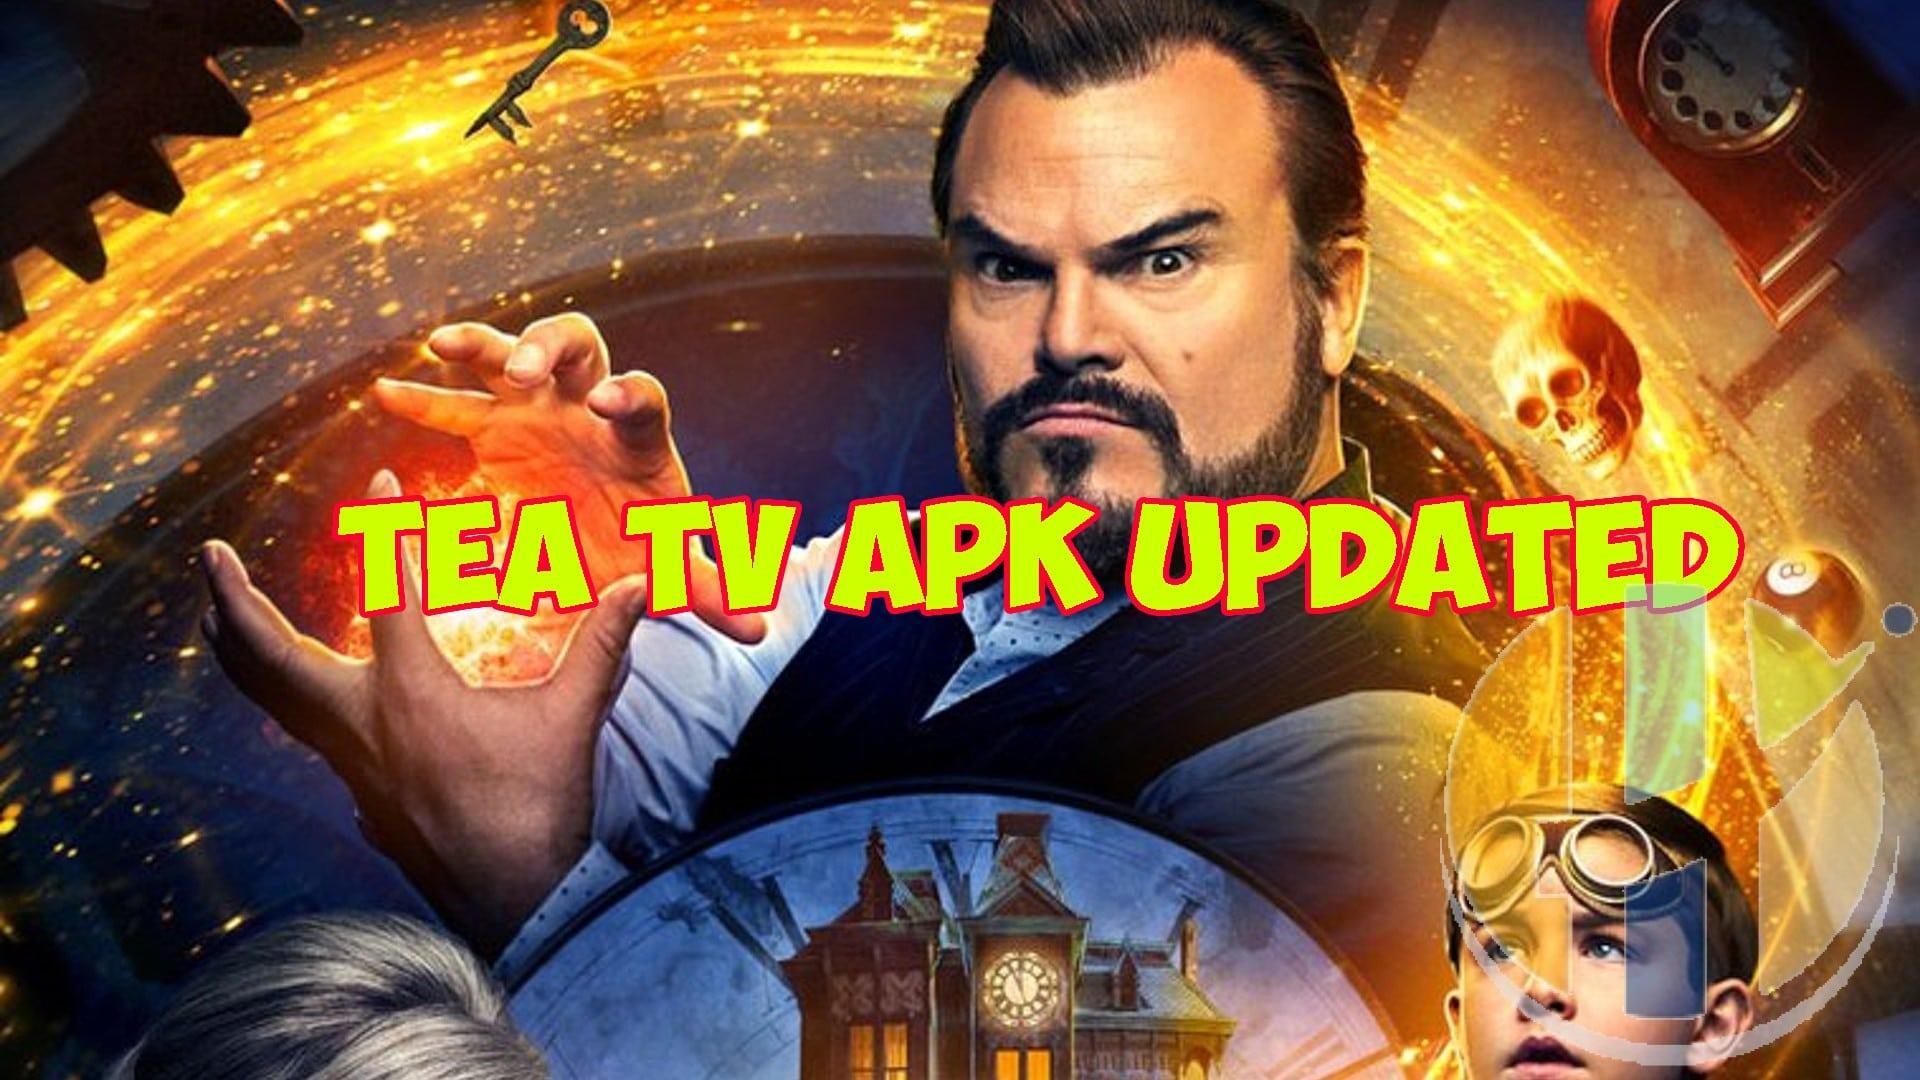 Tea TV APK Updated 6 9 - Husham com APK